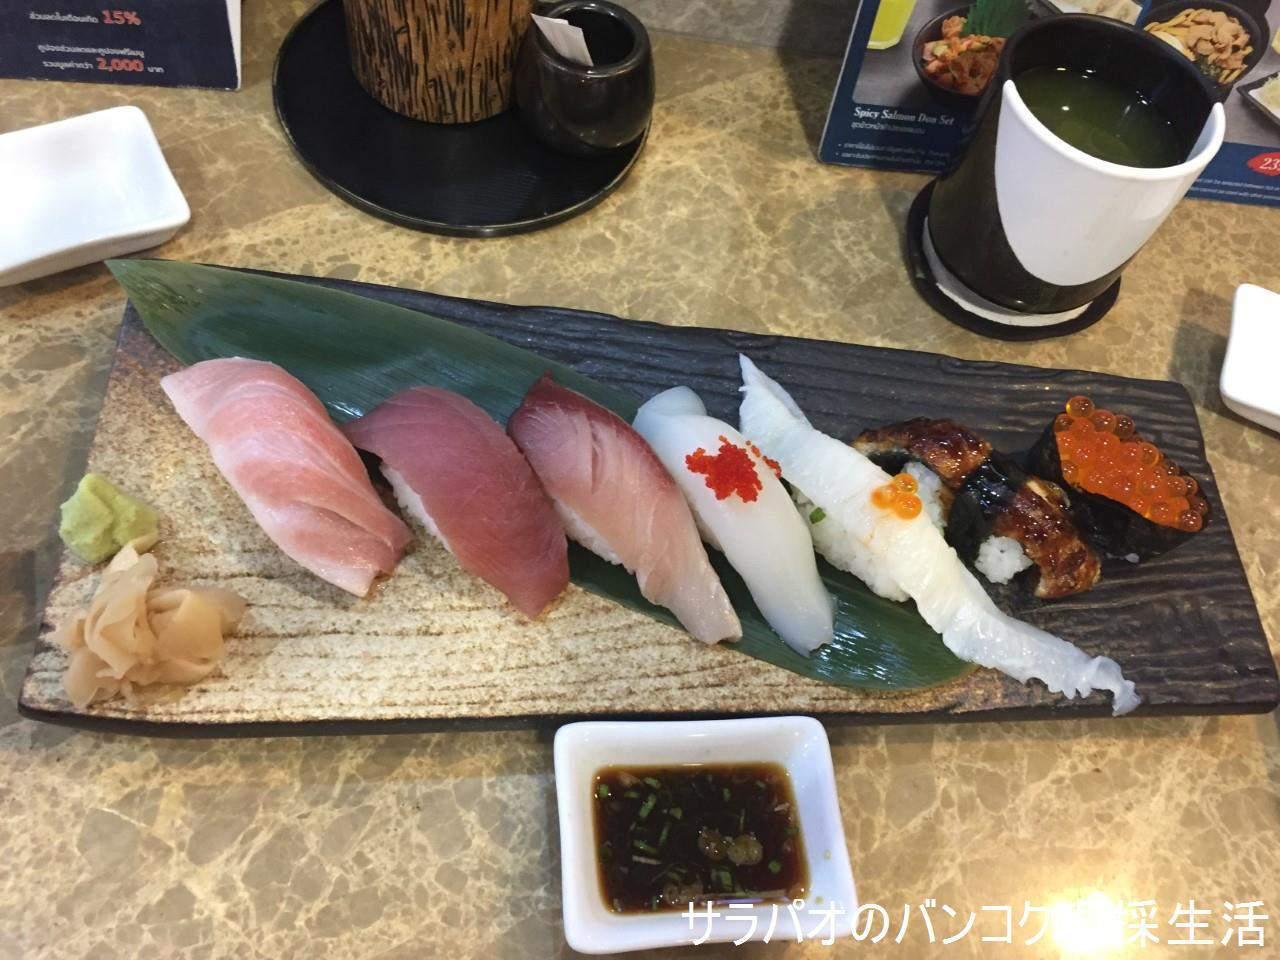 寿司でんで港セット 690バーツを食す in ターミナル21